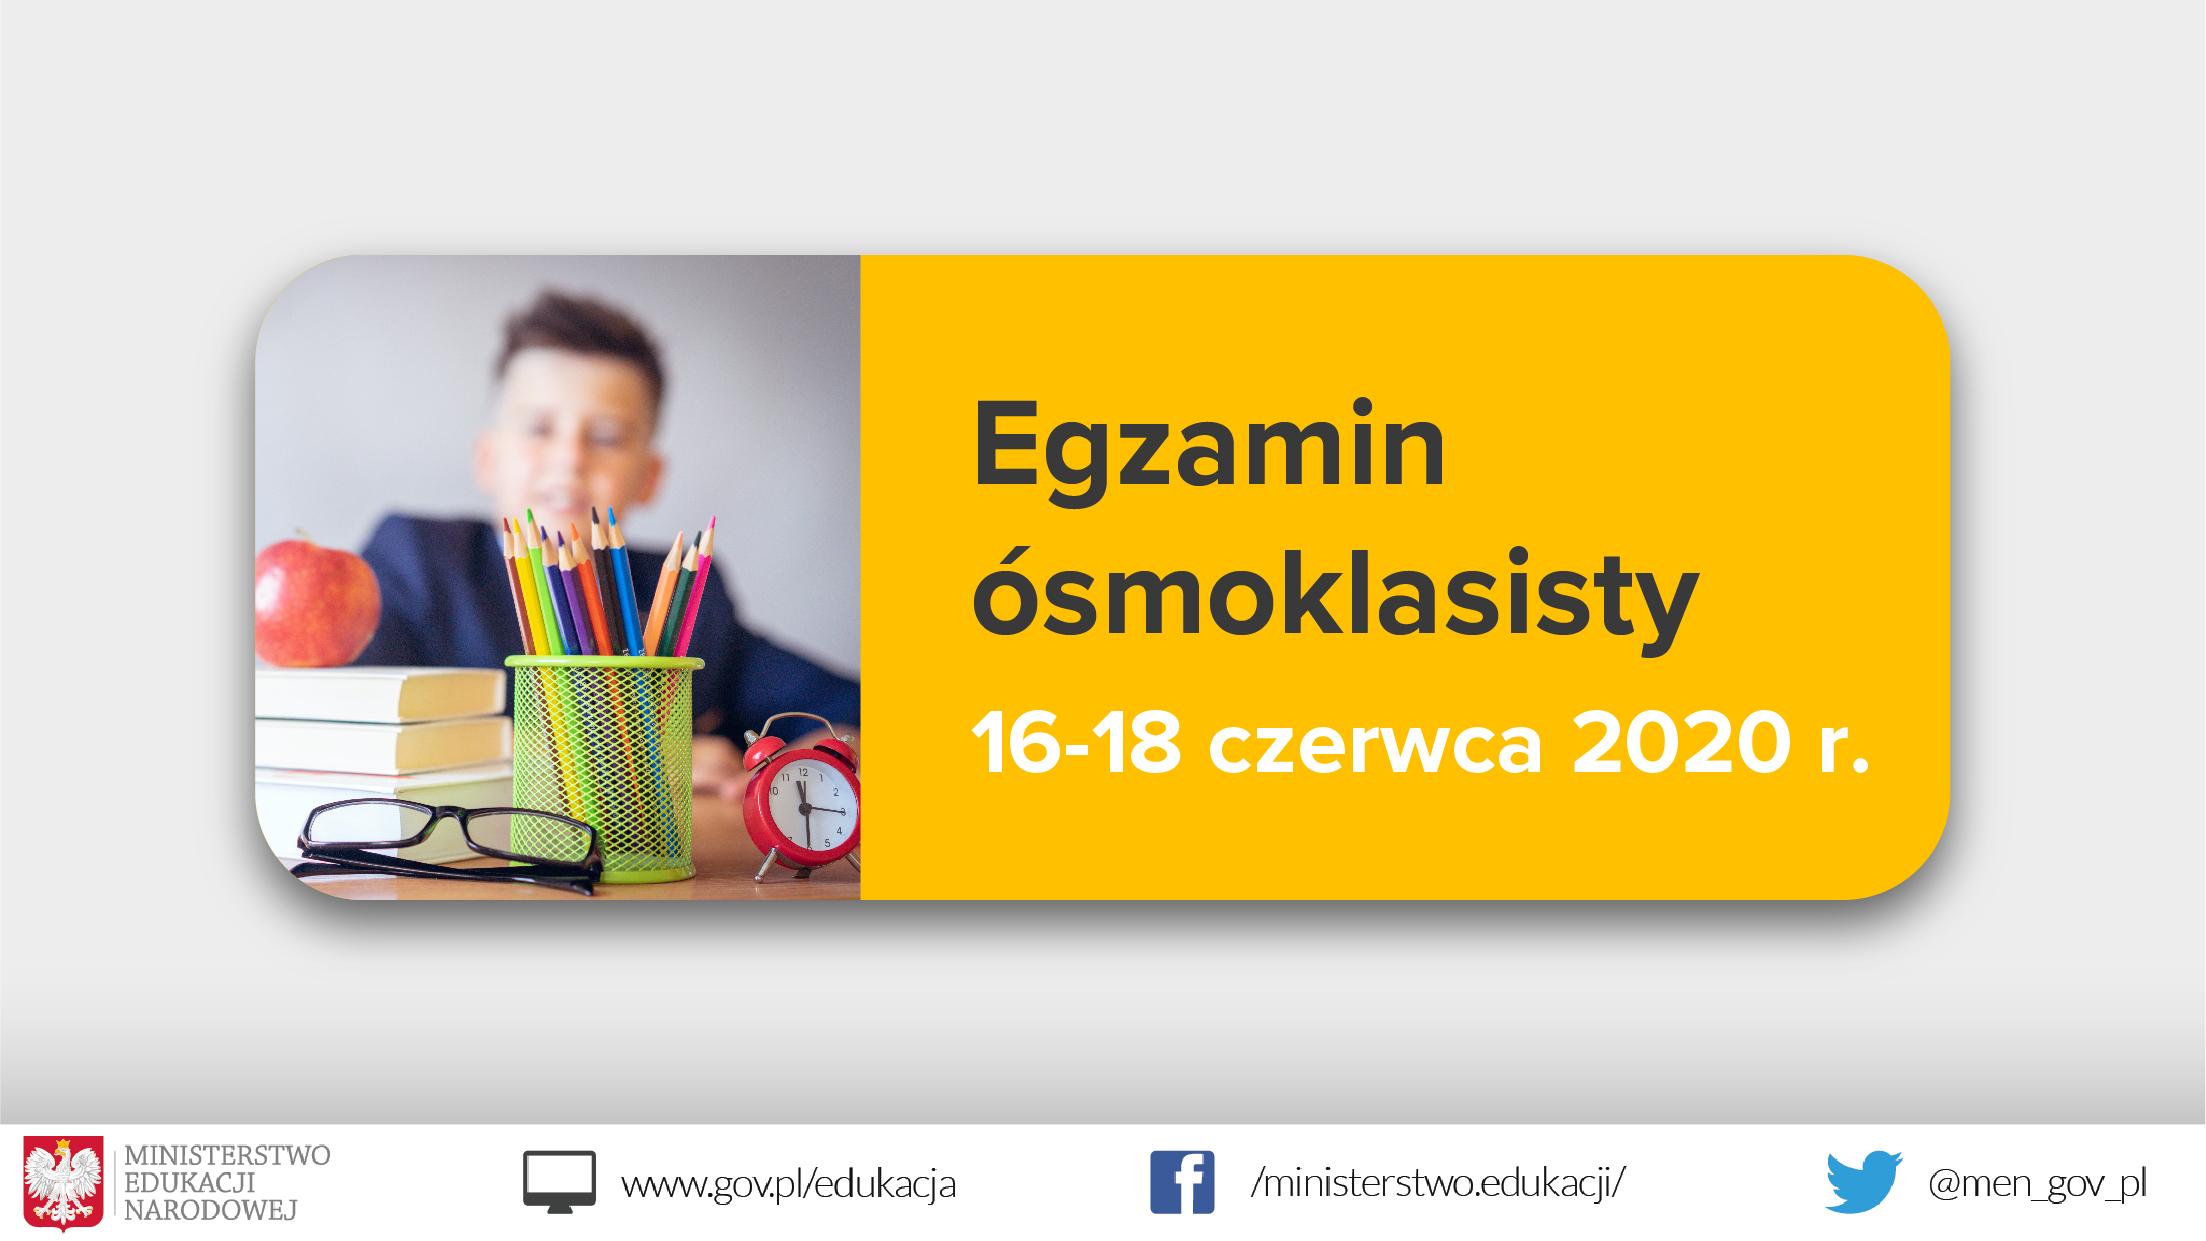 egzaminosmoklasisty2020